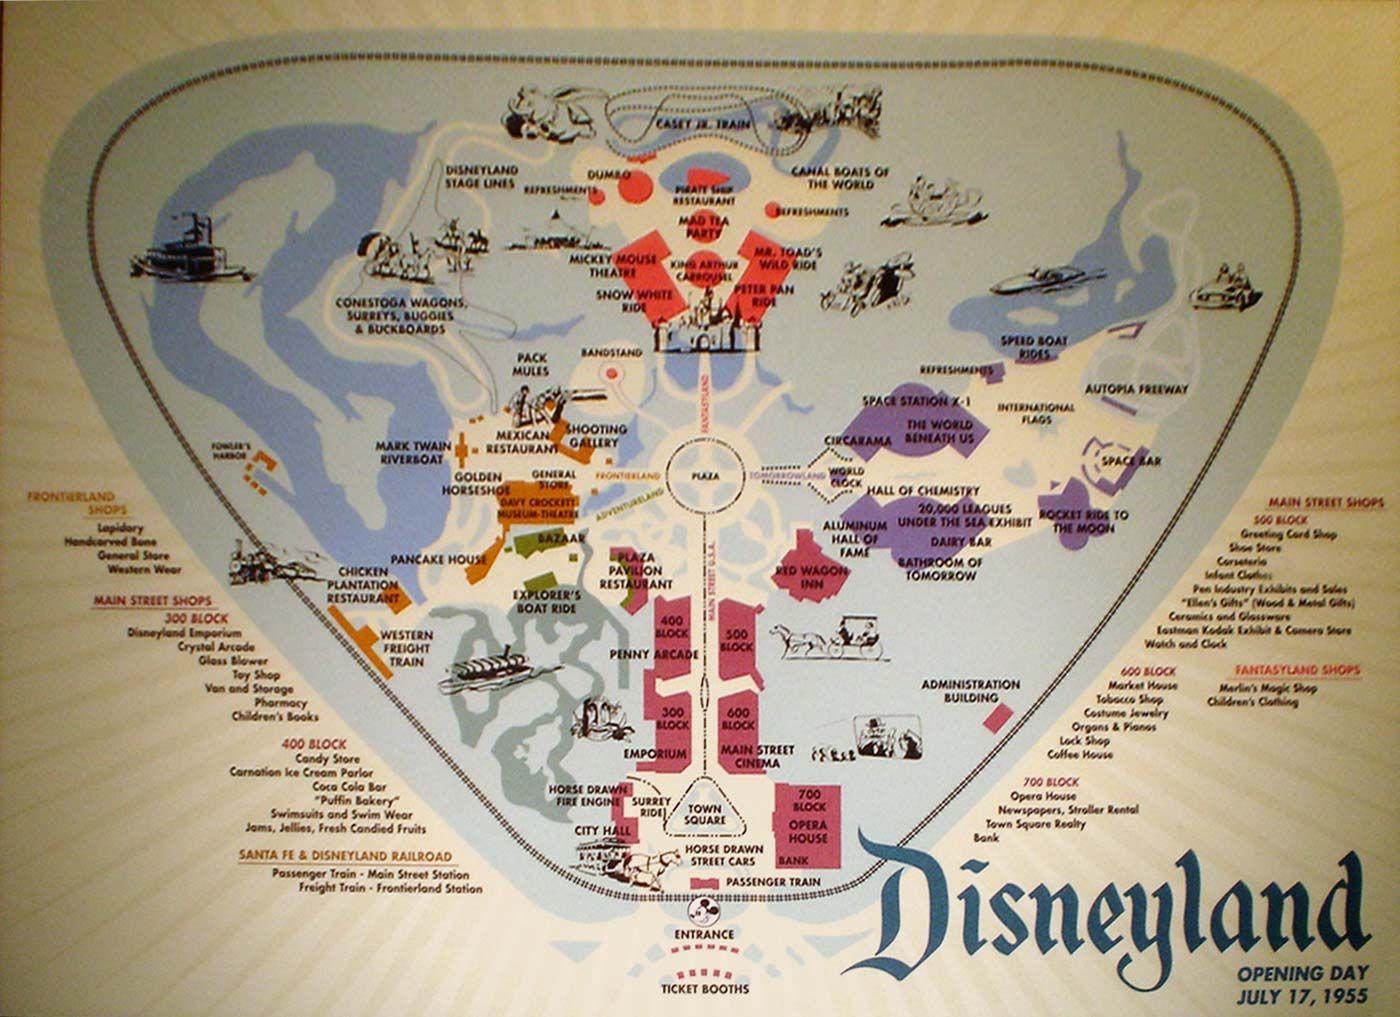 Disneyland Opening Day Map